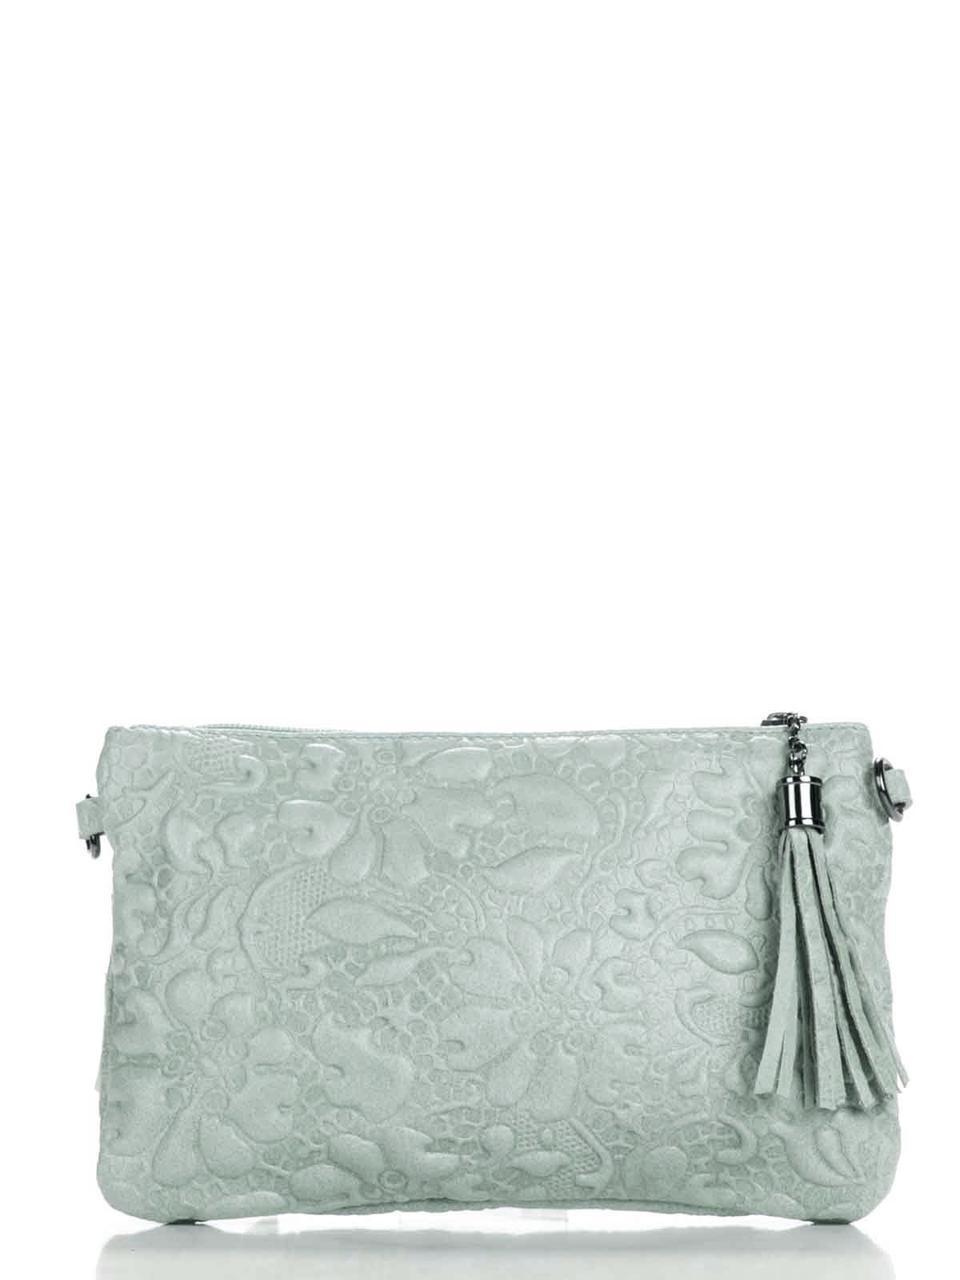 Женская кожаная сумка KISHA Diva's Bag цвет светло-серый